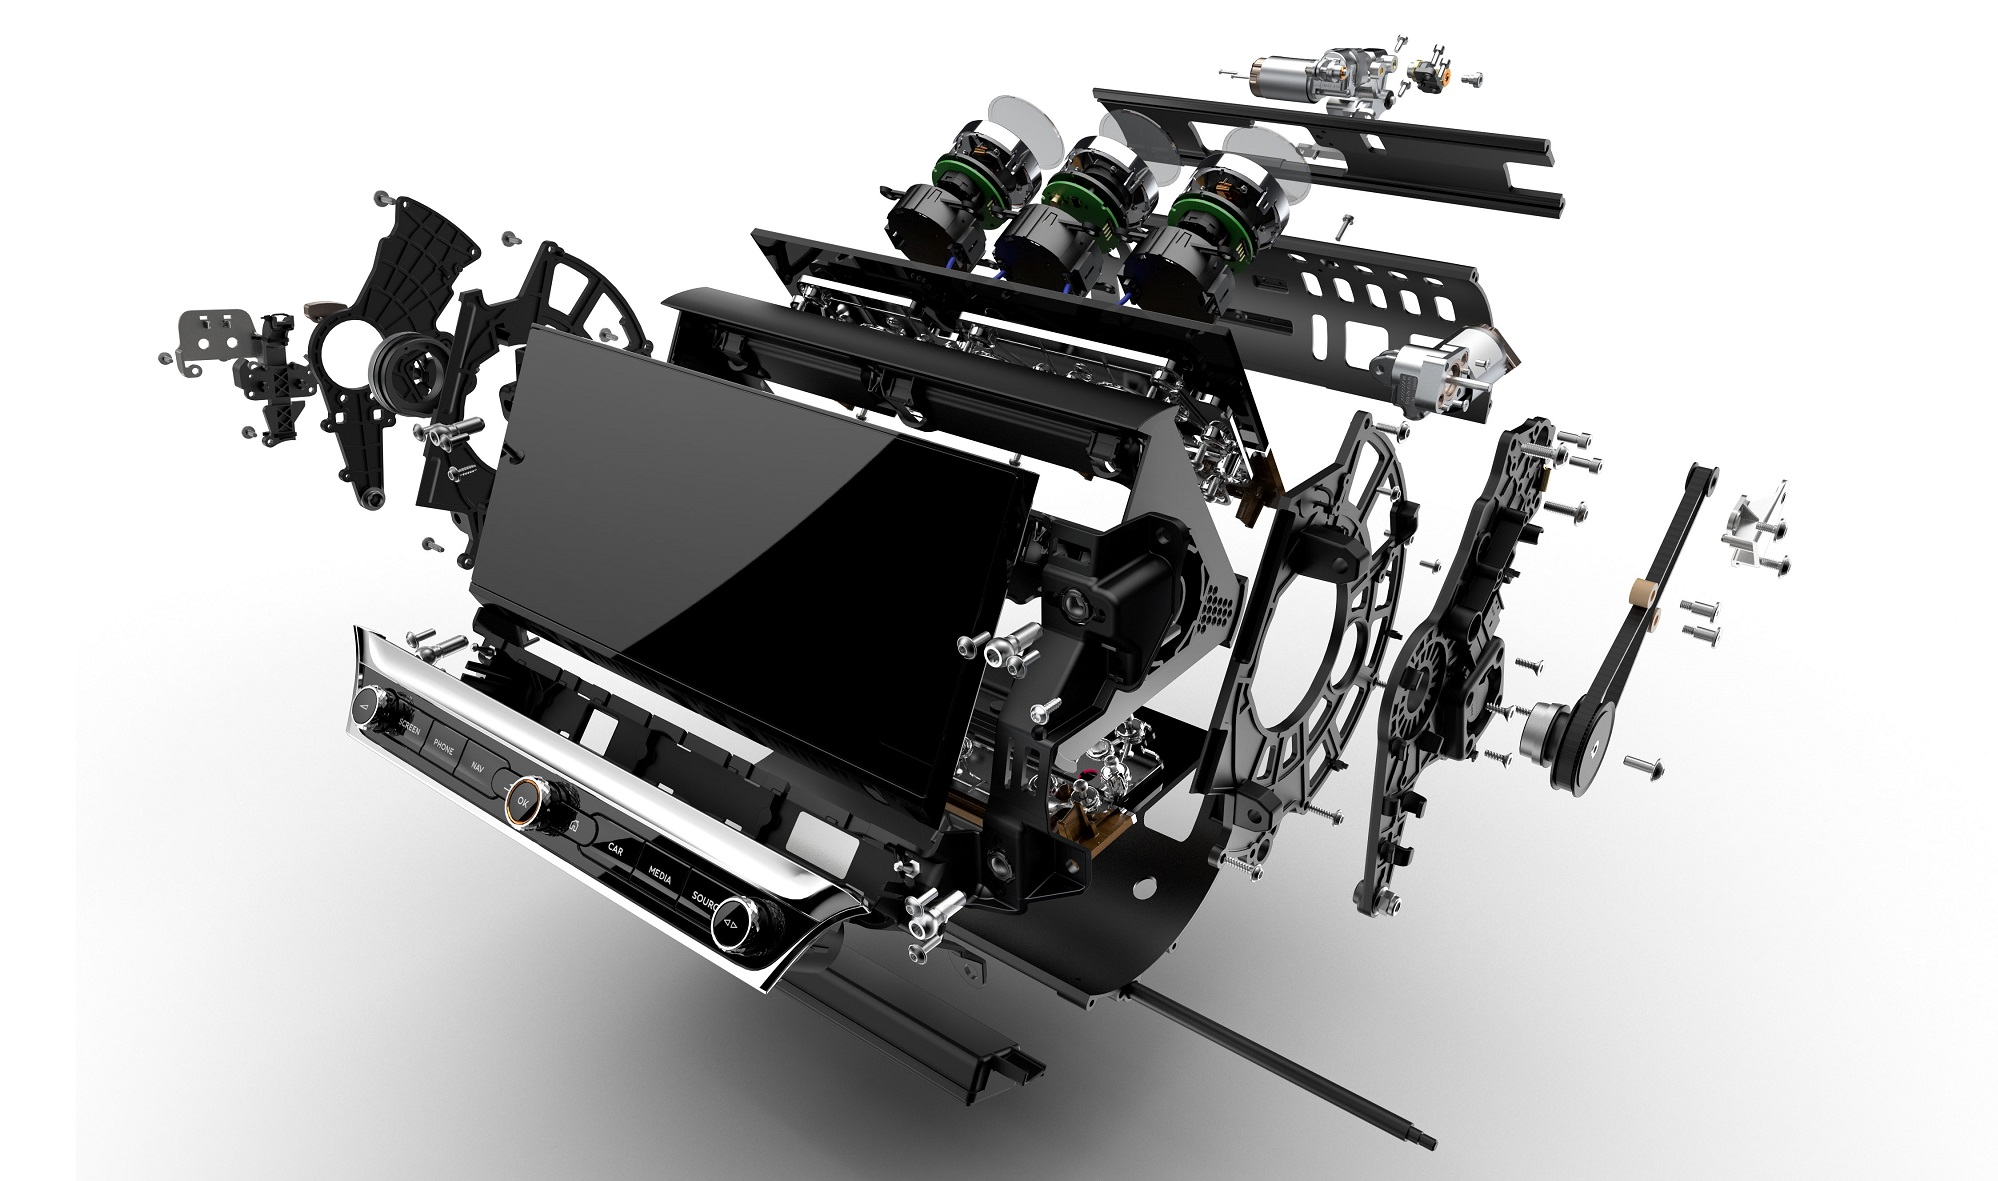 Otočný panel v Bentley je kus efektnej a precíznej techniky DCklB0xtPC bentleyrotatingdisplay-1